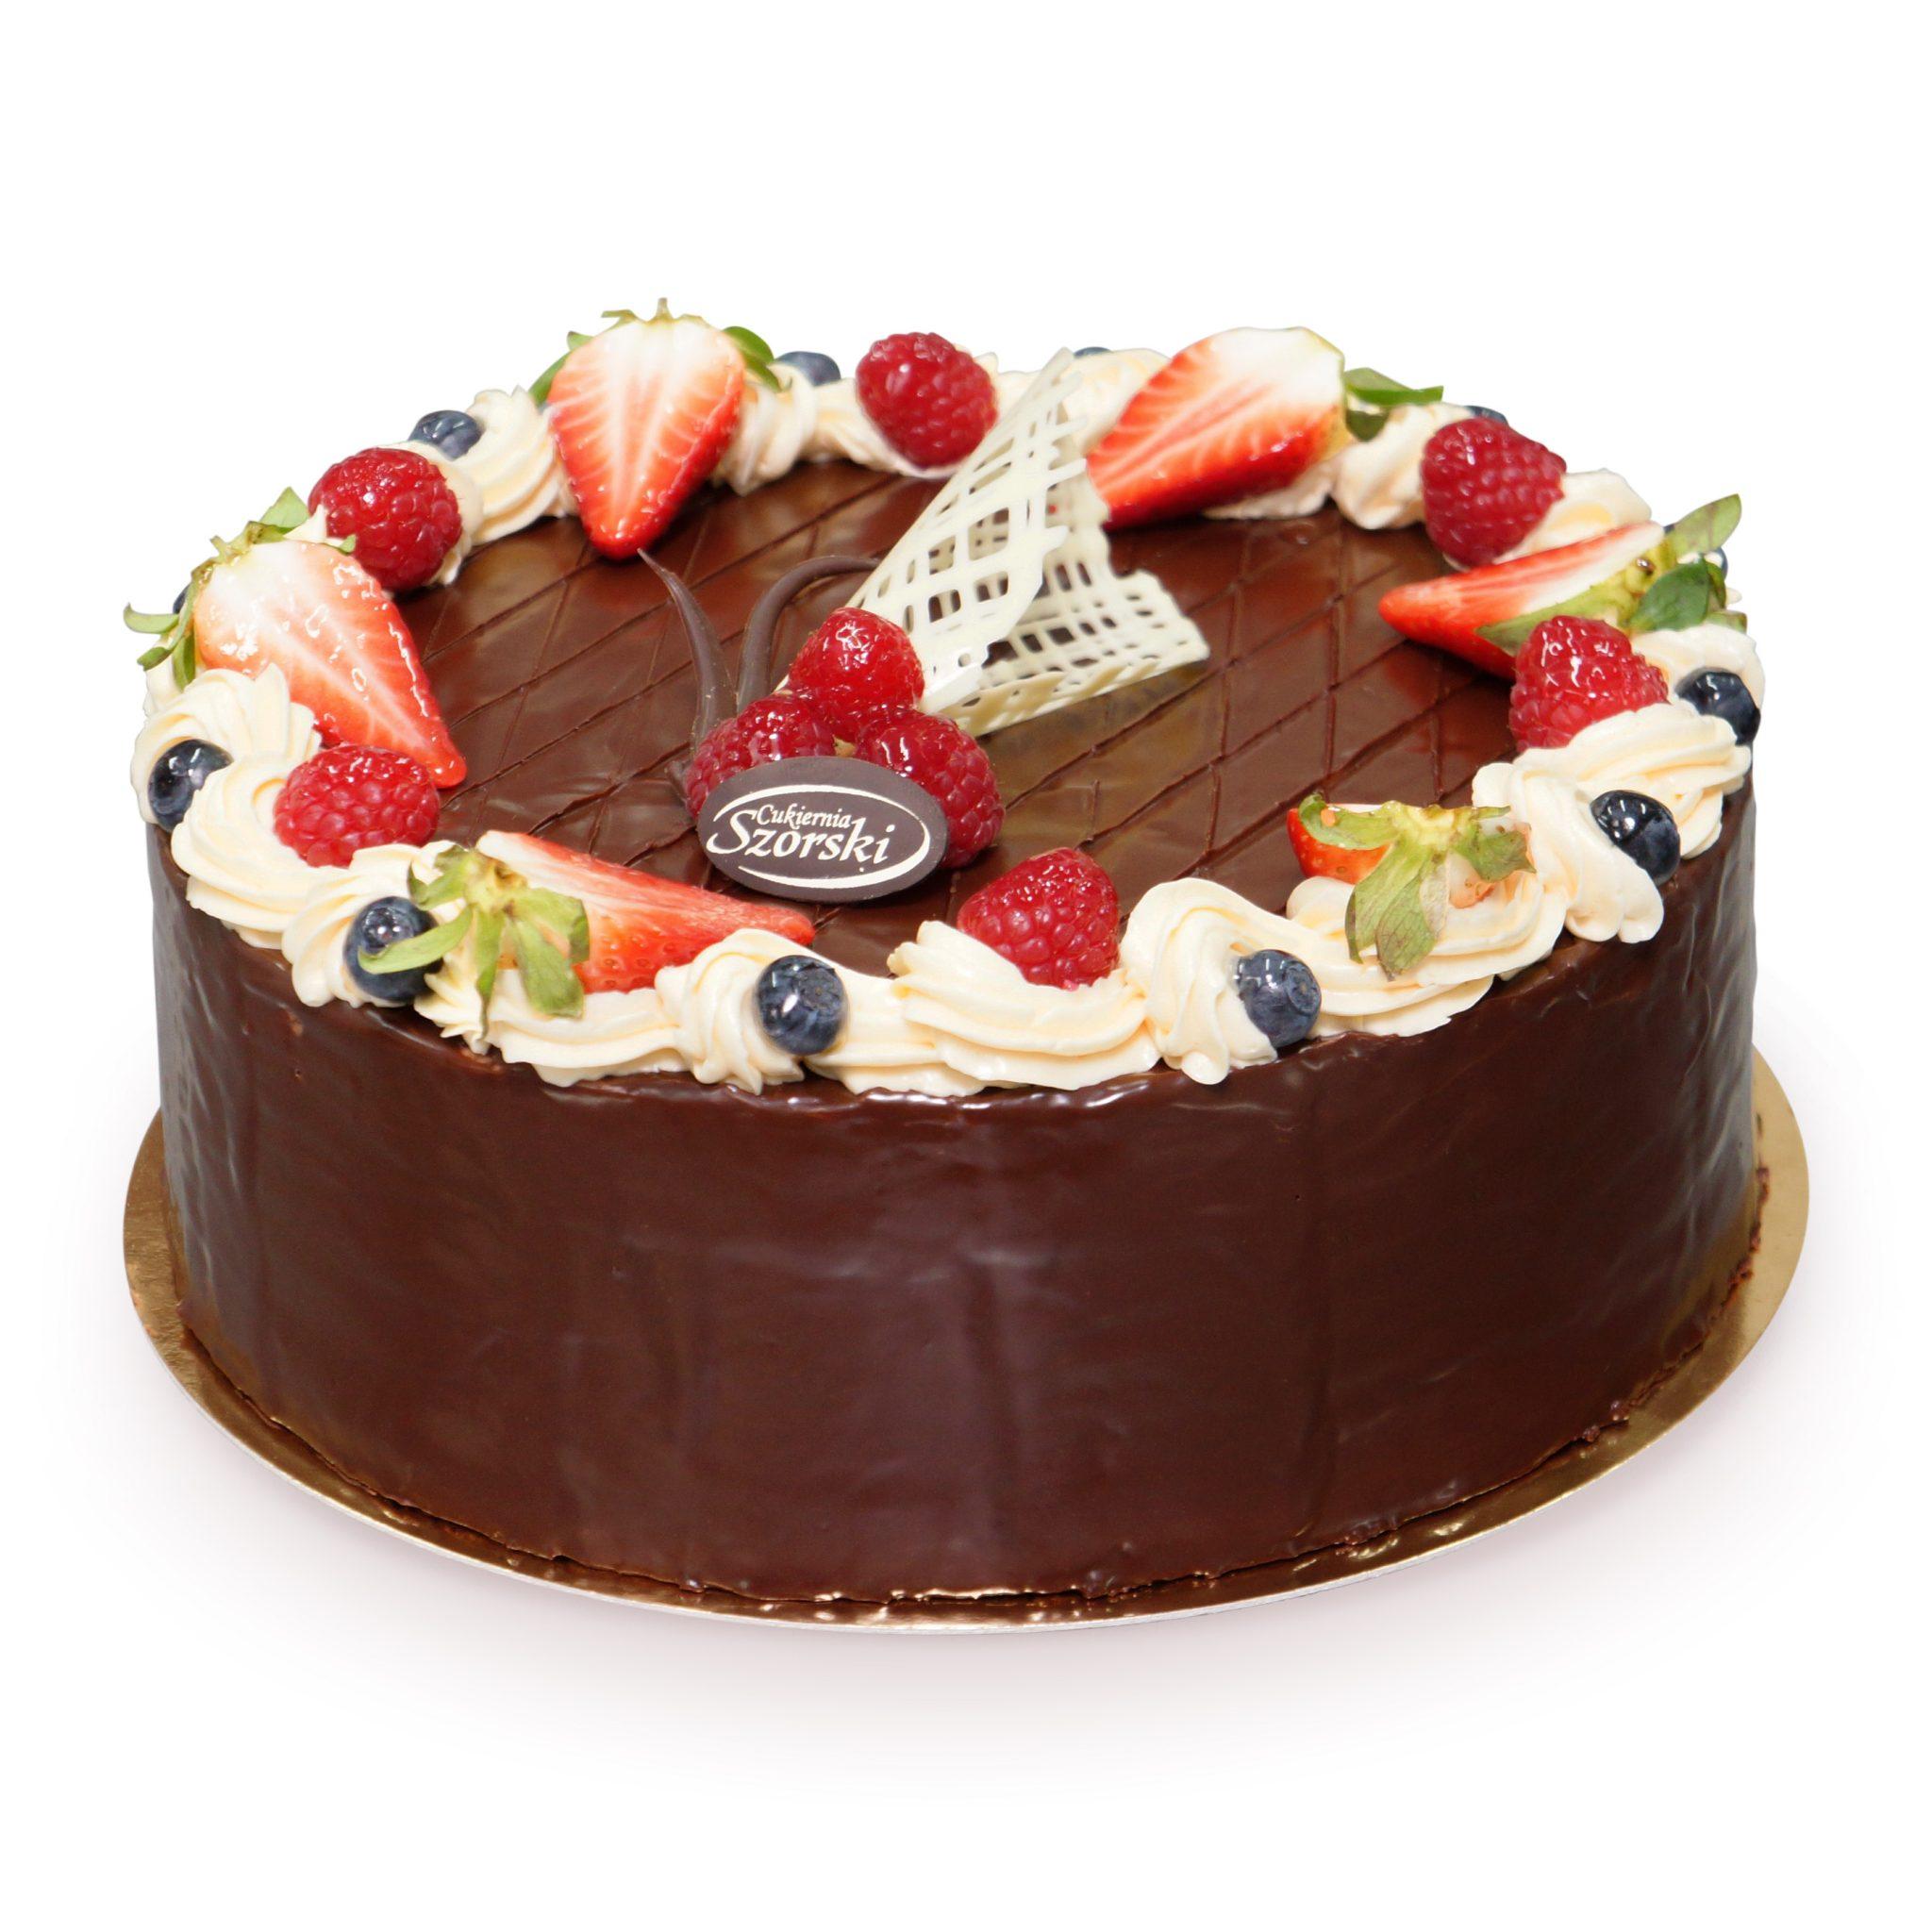 Tort czekoladowy z owocami ostrów wielkopolski